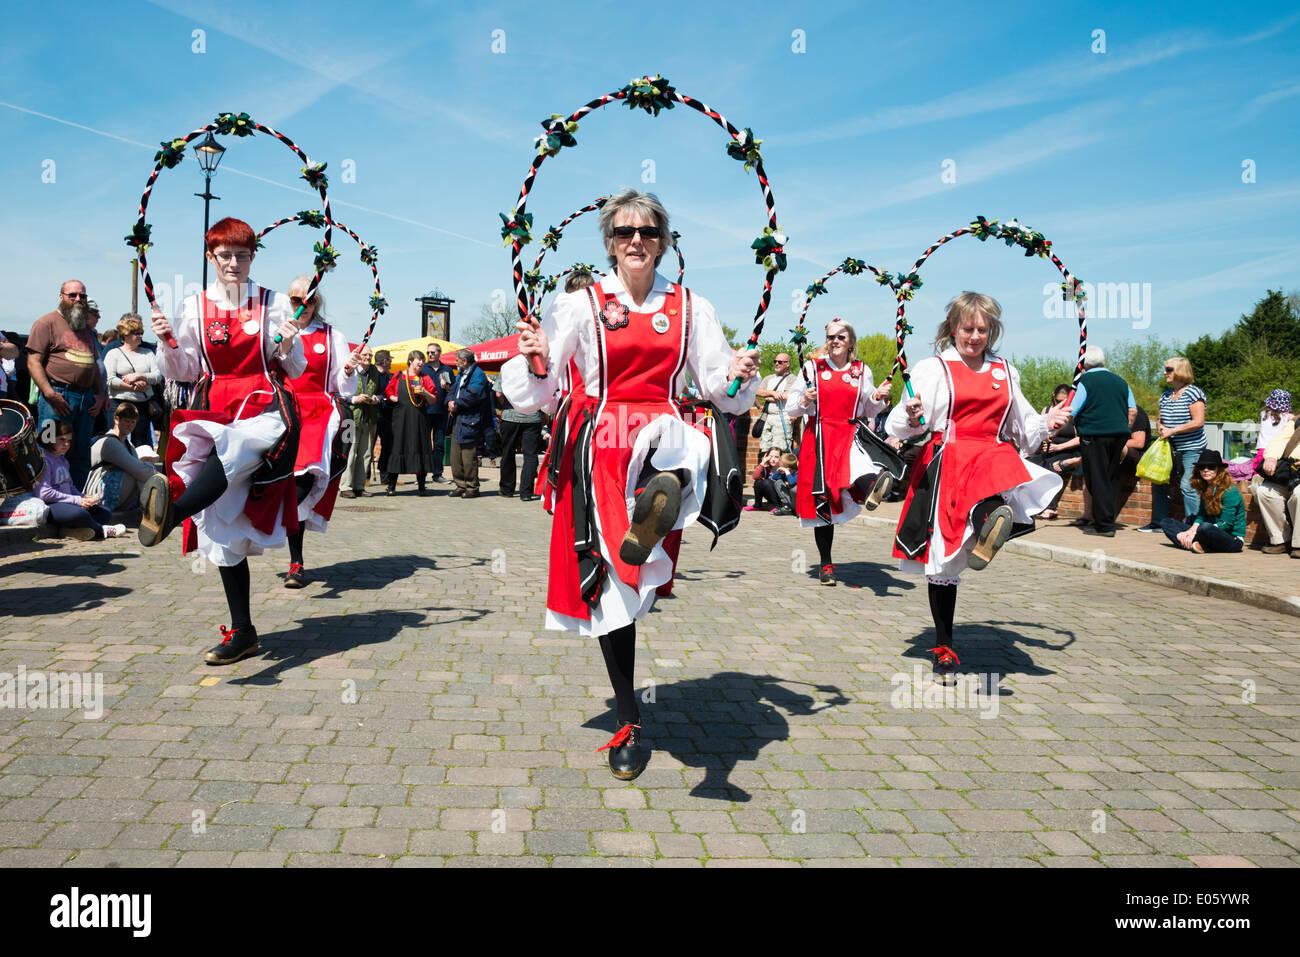 Upton sur Severn, Worcestershire, Royaume-Uni. 3 mai 2014 danseurs folkloriques divertir les gens sur une belle Banque D'Images